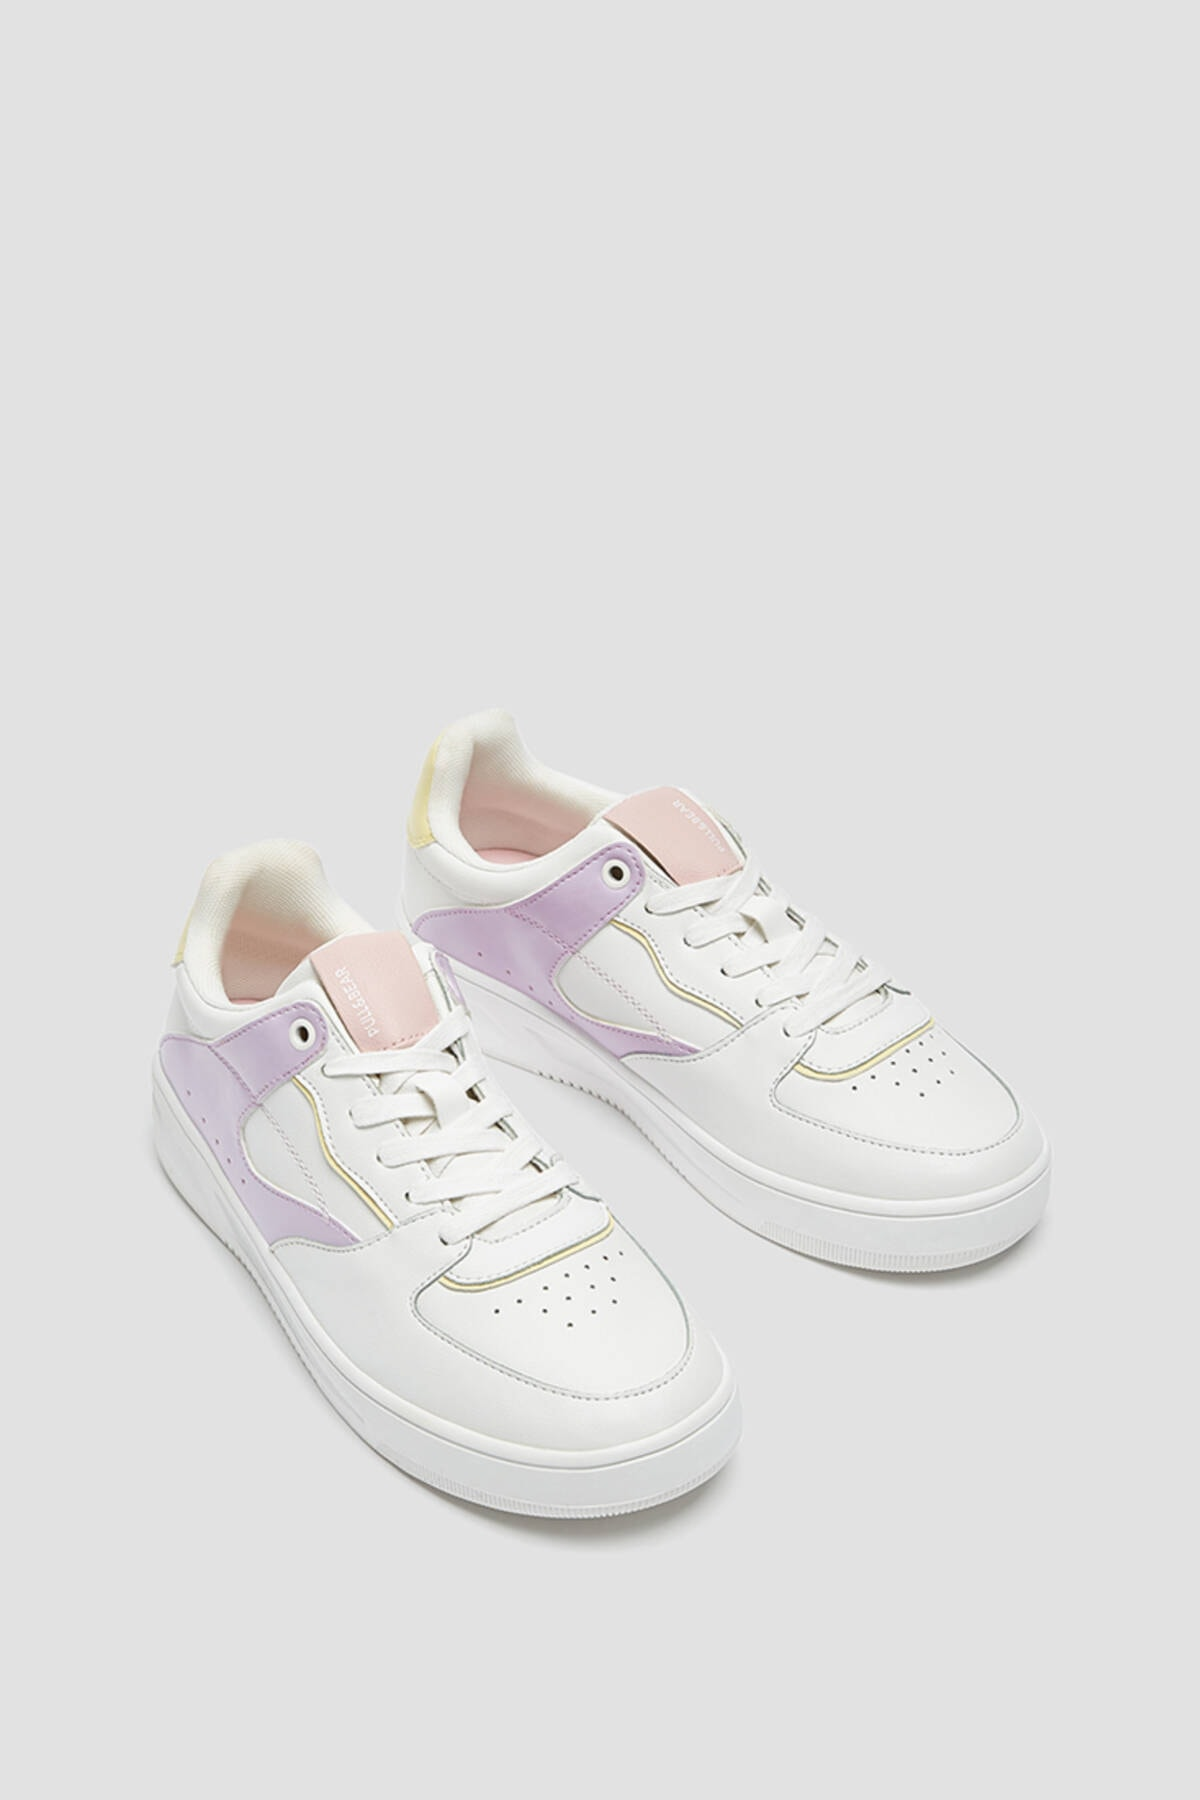 Pull & Bear Kadın Çok Renkli Spor Ayakkabı 11322640 1